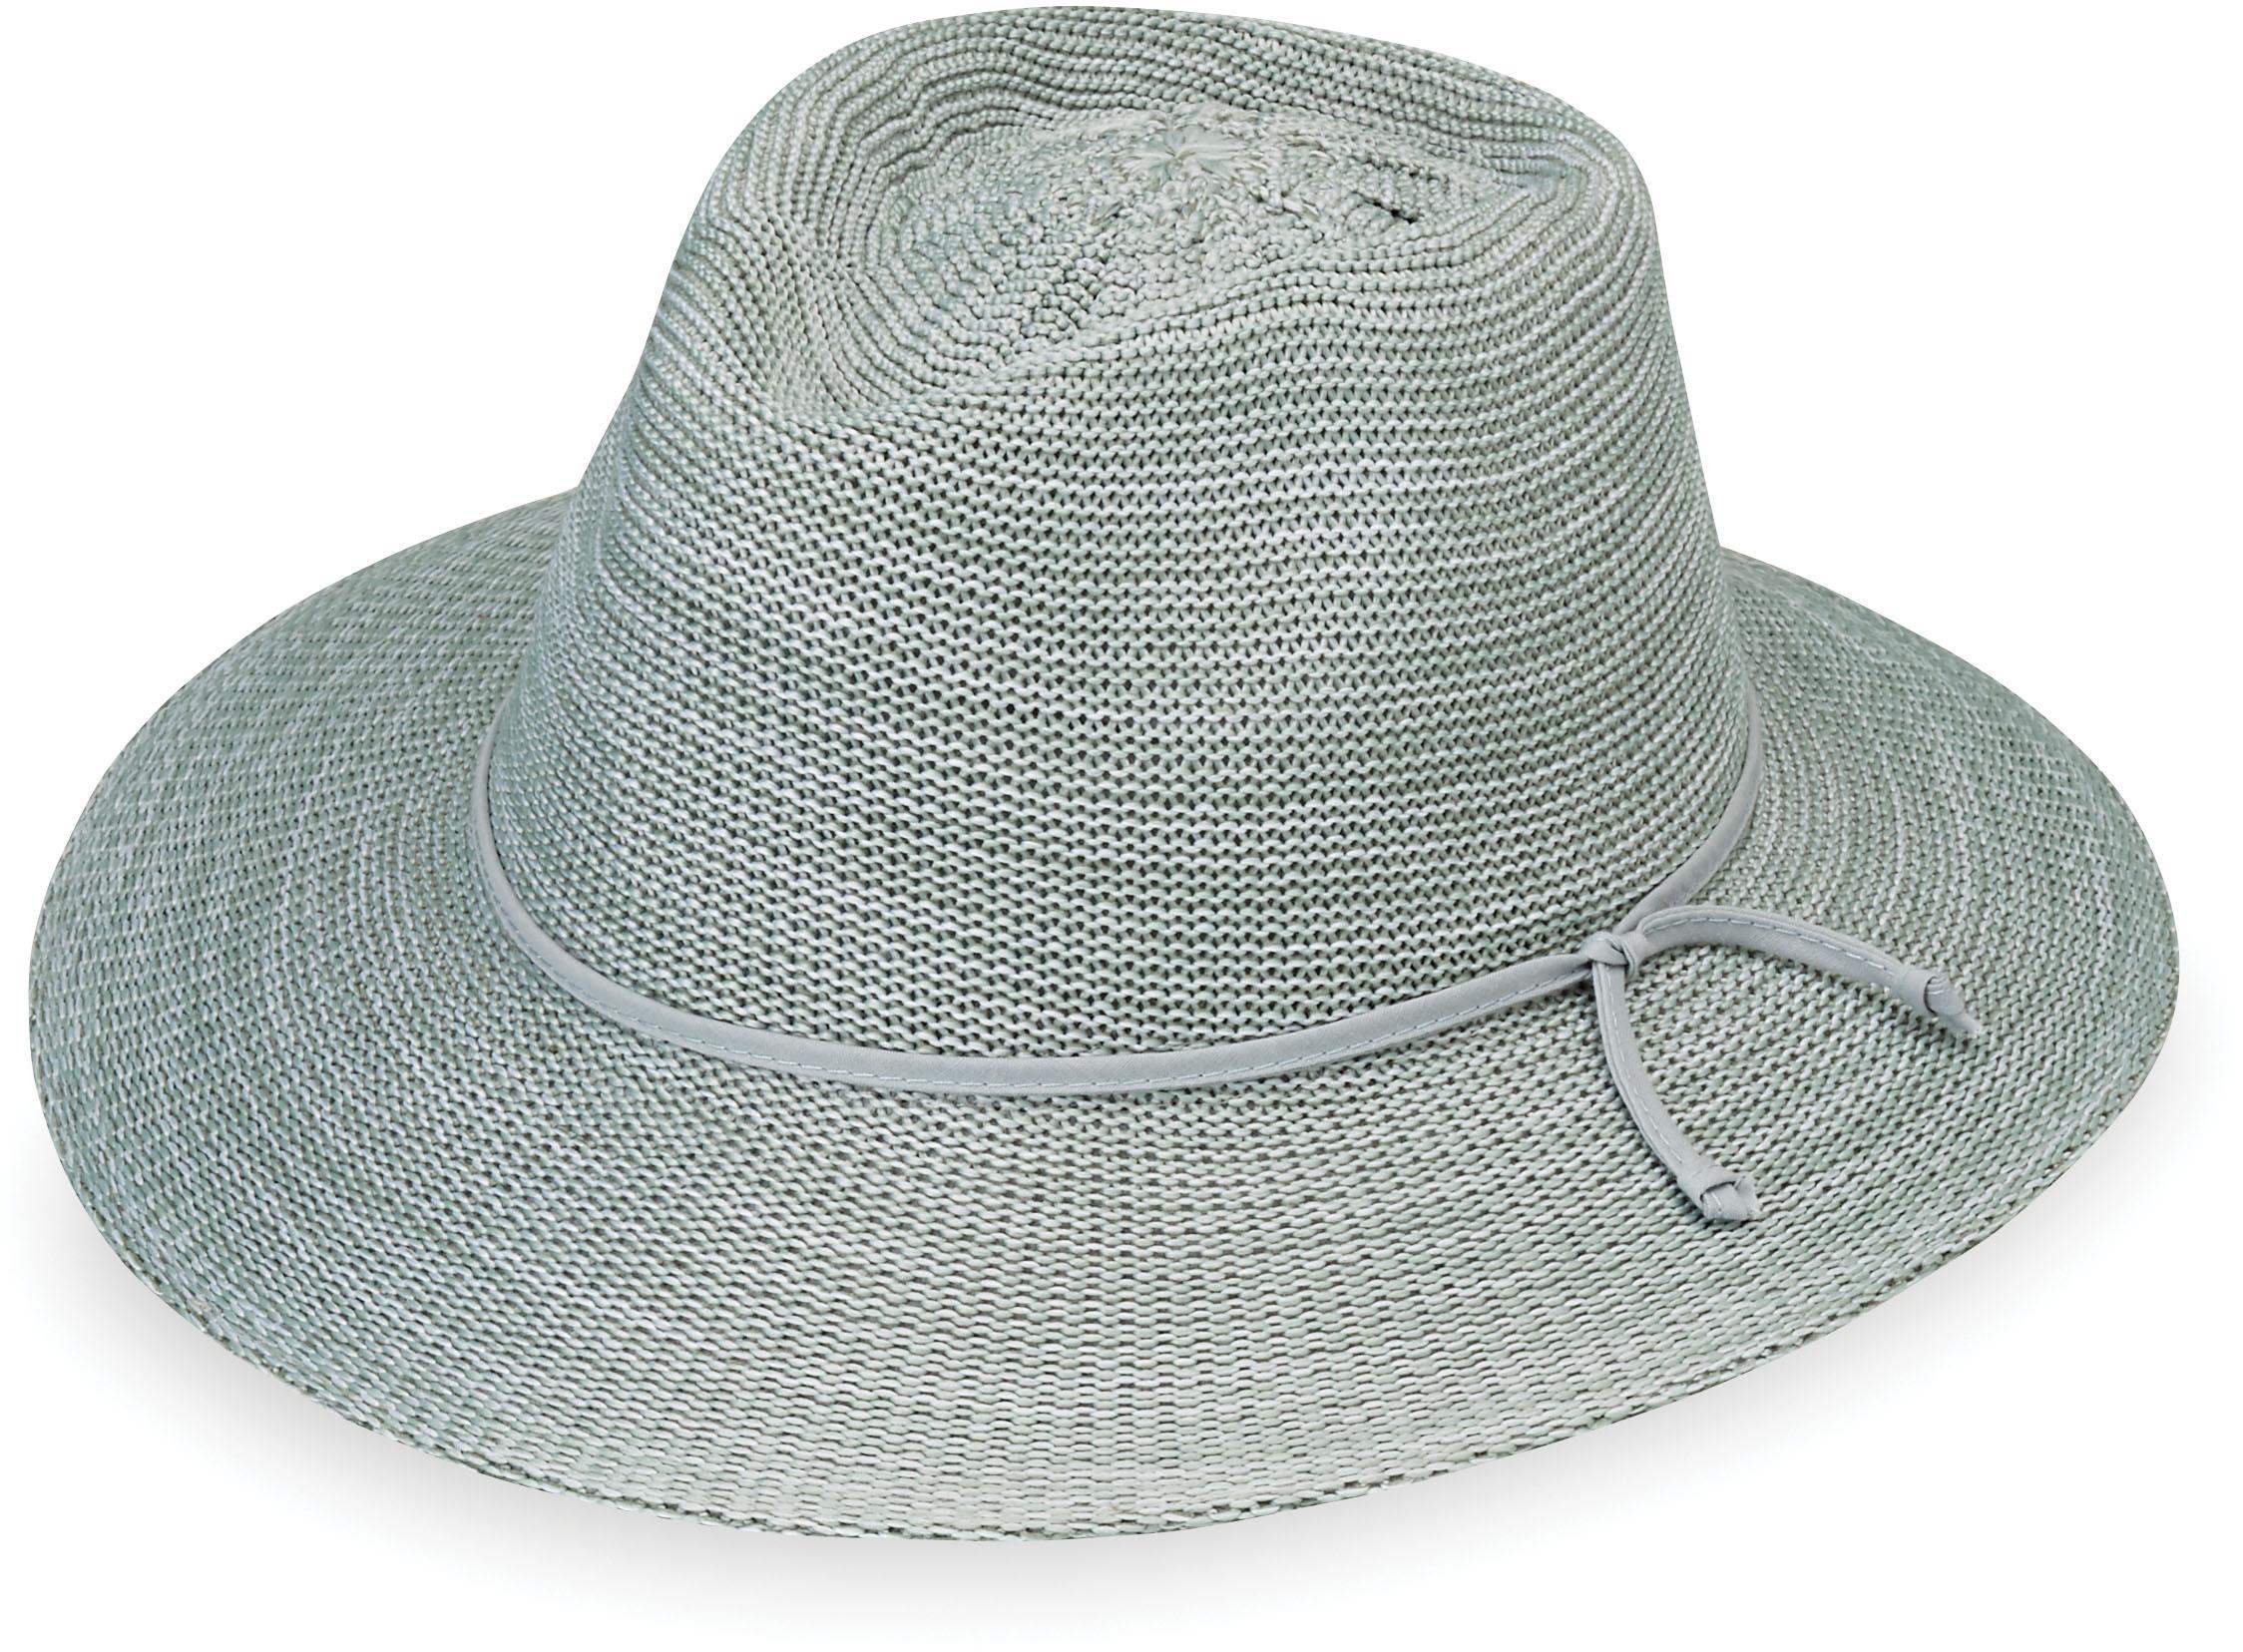 9f0c1bb3 Hats and toques | MEC